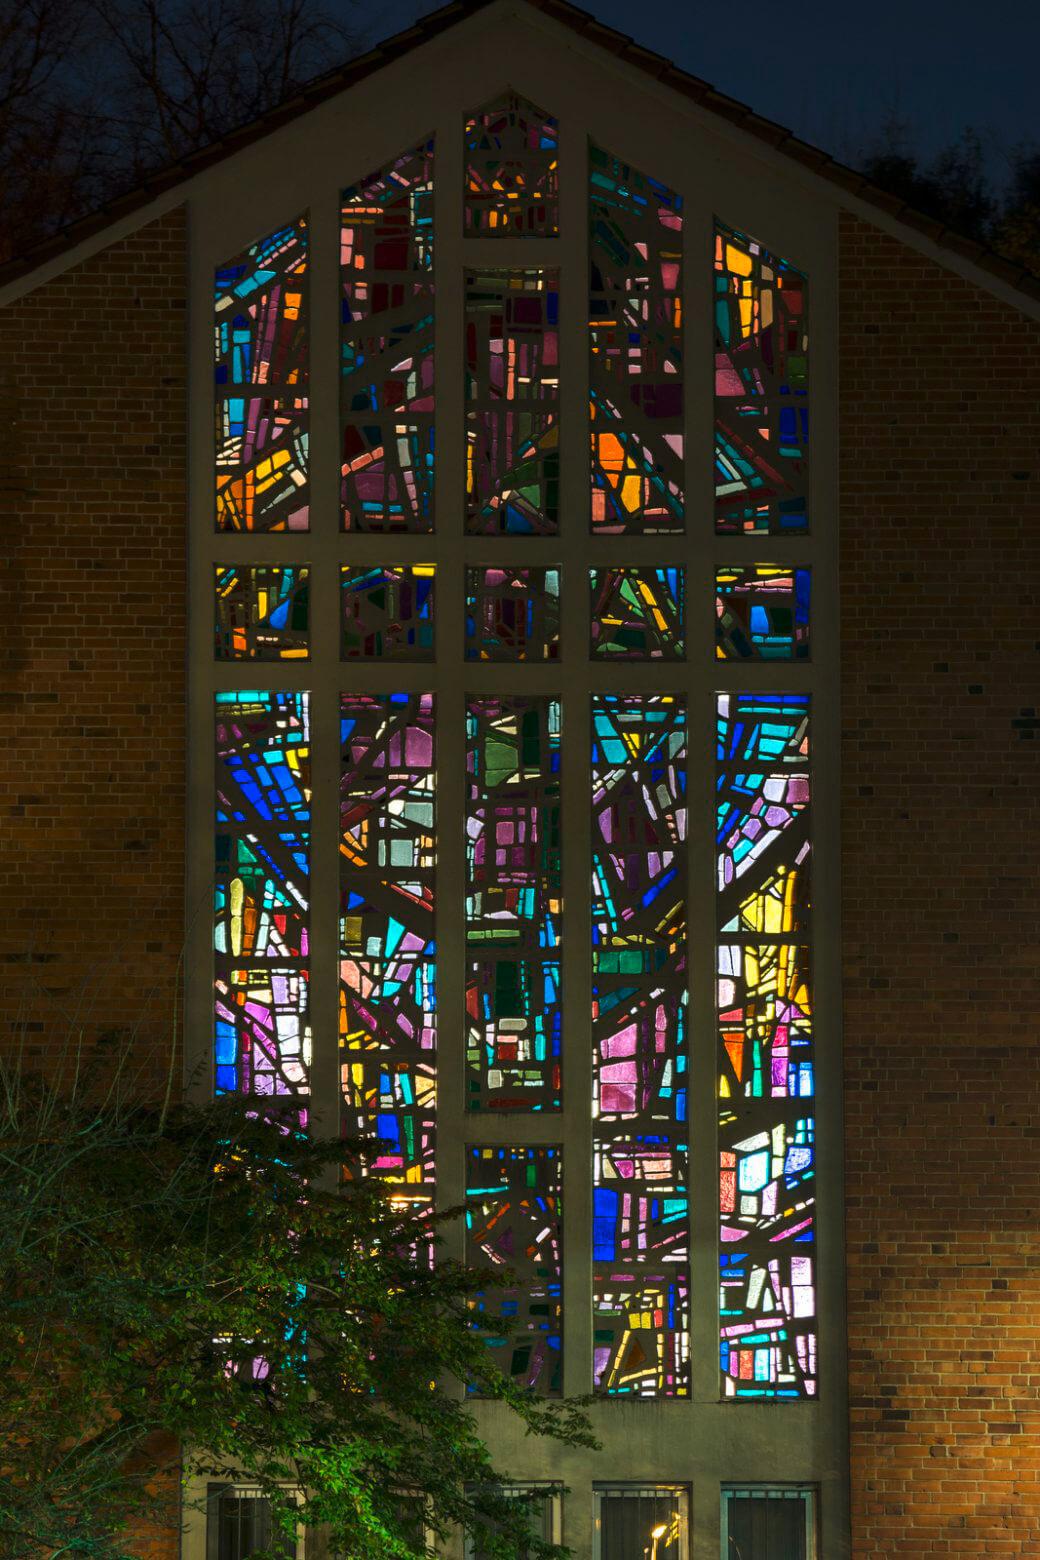 Dagmar Schulze-Ross: Altarfenster der Bugenhagenkirche Kiel, (Foto: KUNST@SH/Jan Petersen)